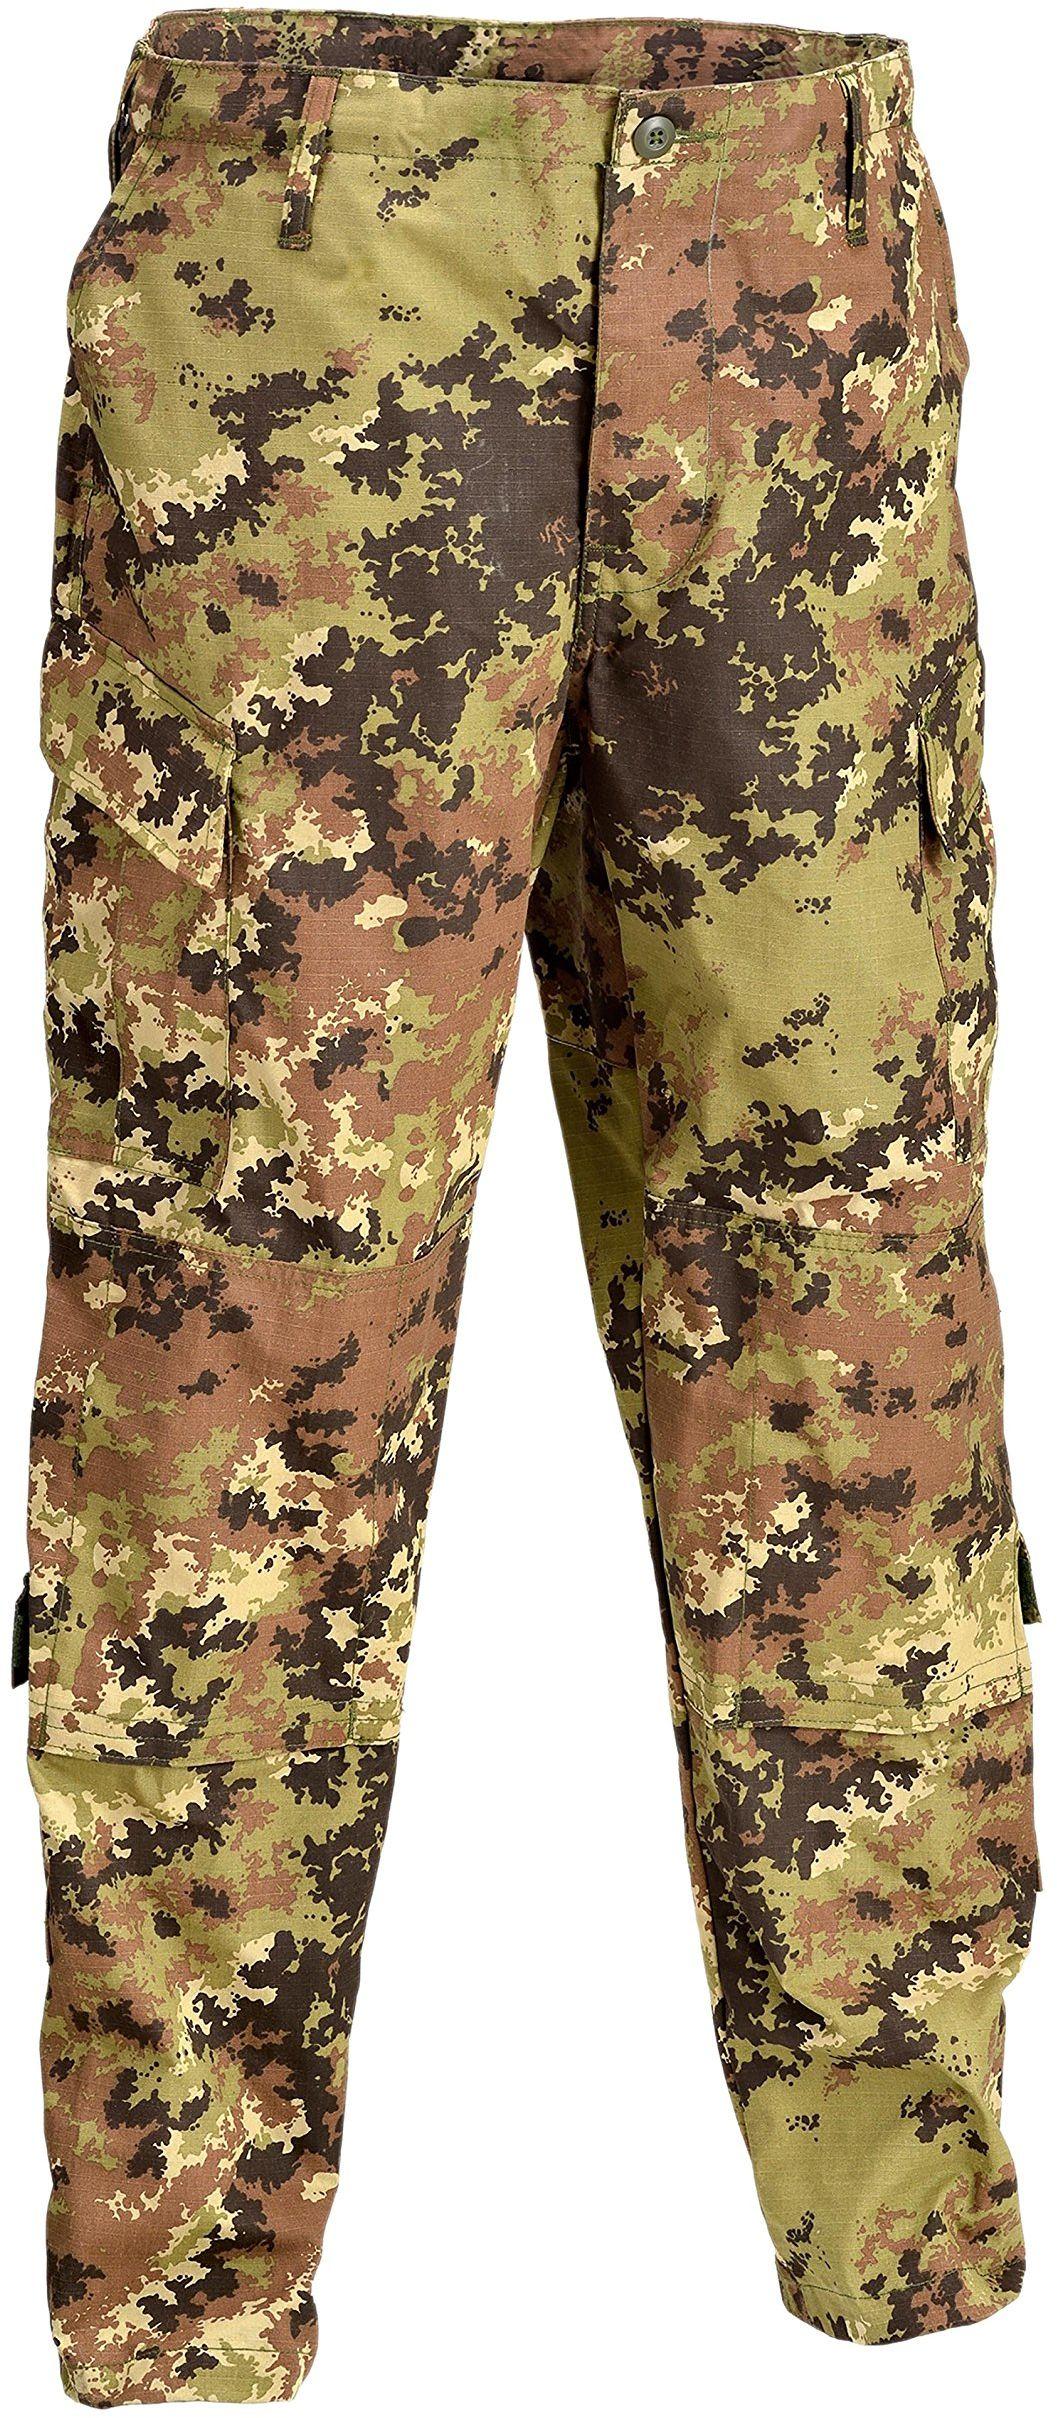 Defcon 5 BDU spodnie taktyczne, D5-1600 wielokolorowa Italian camo S